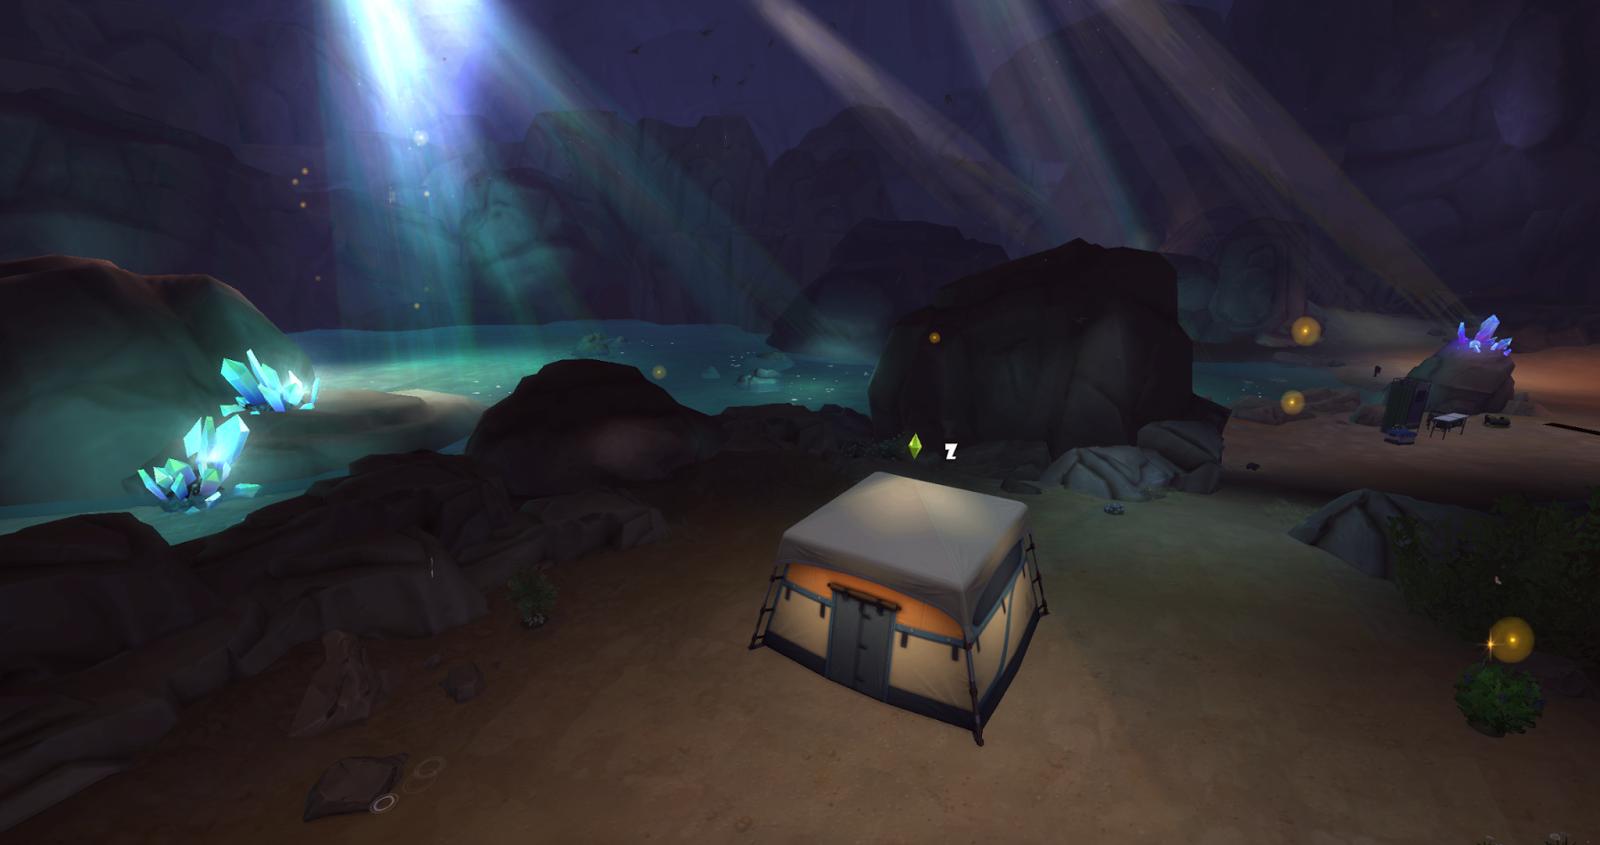 พื้นที่ลับใน The Sims 4 Forgotten Grotto